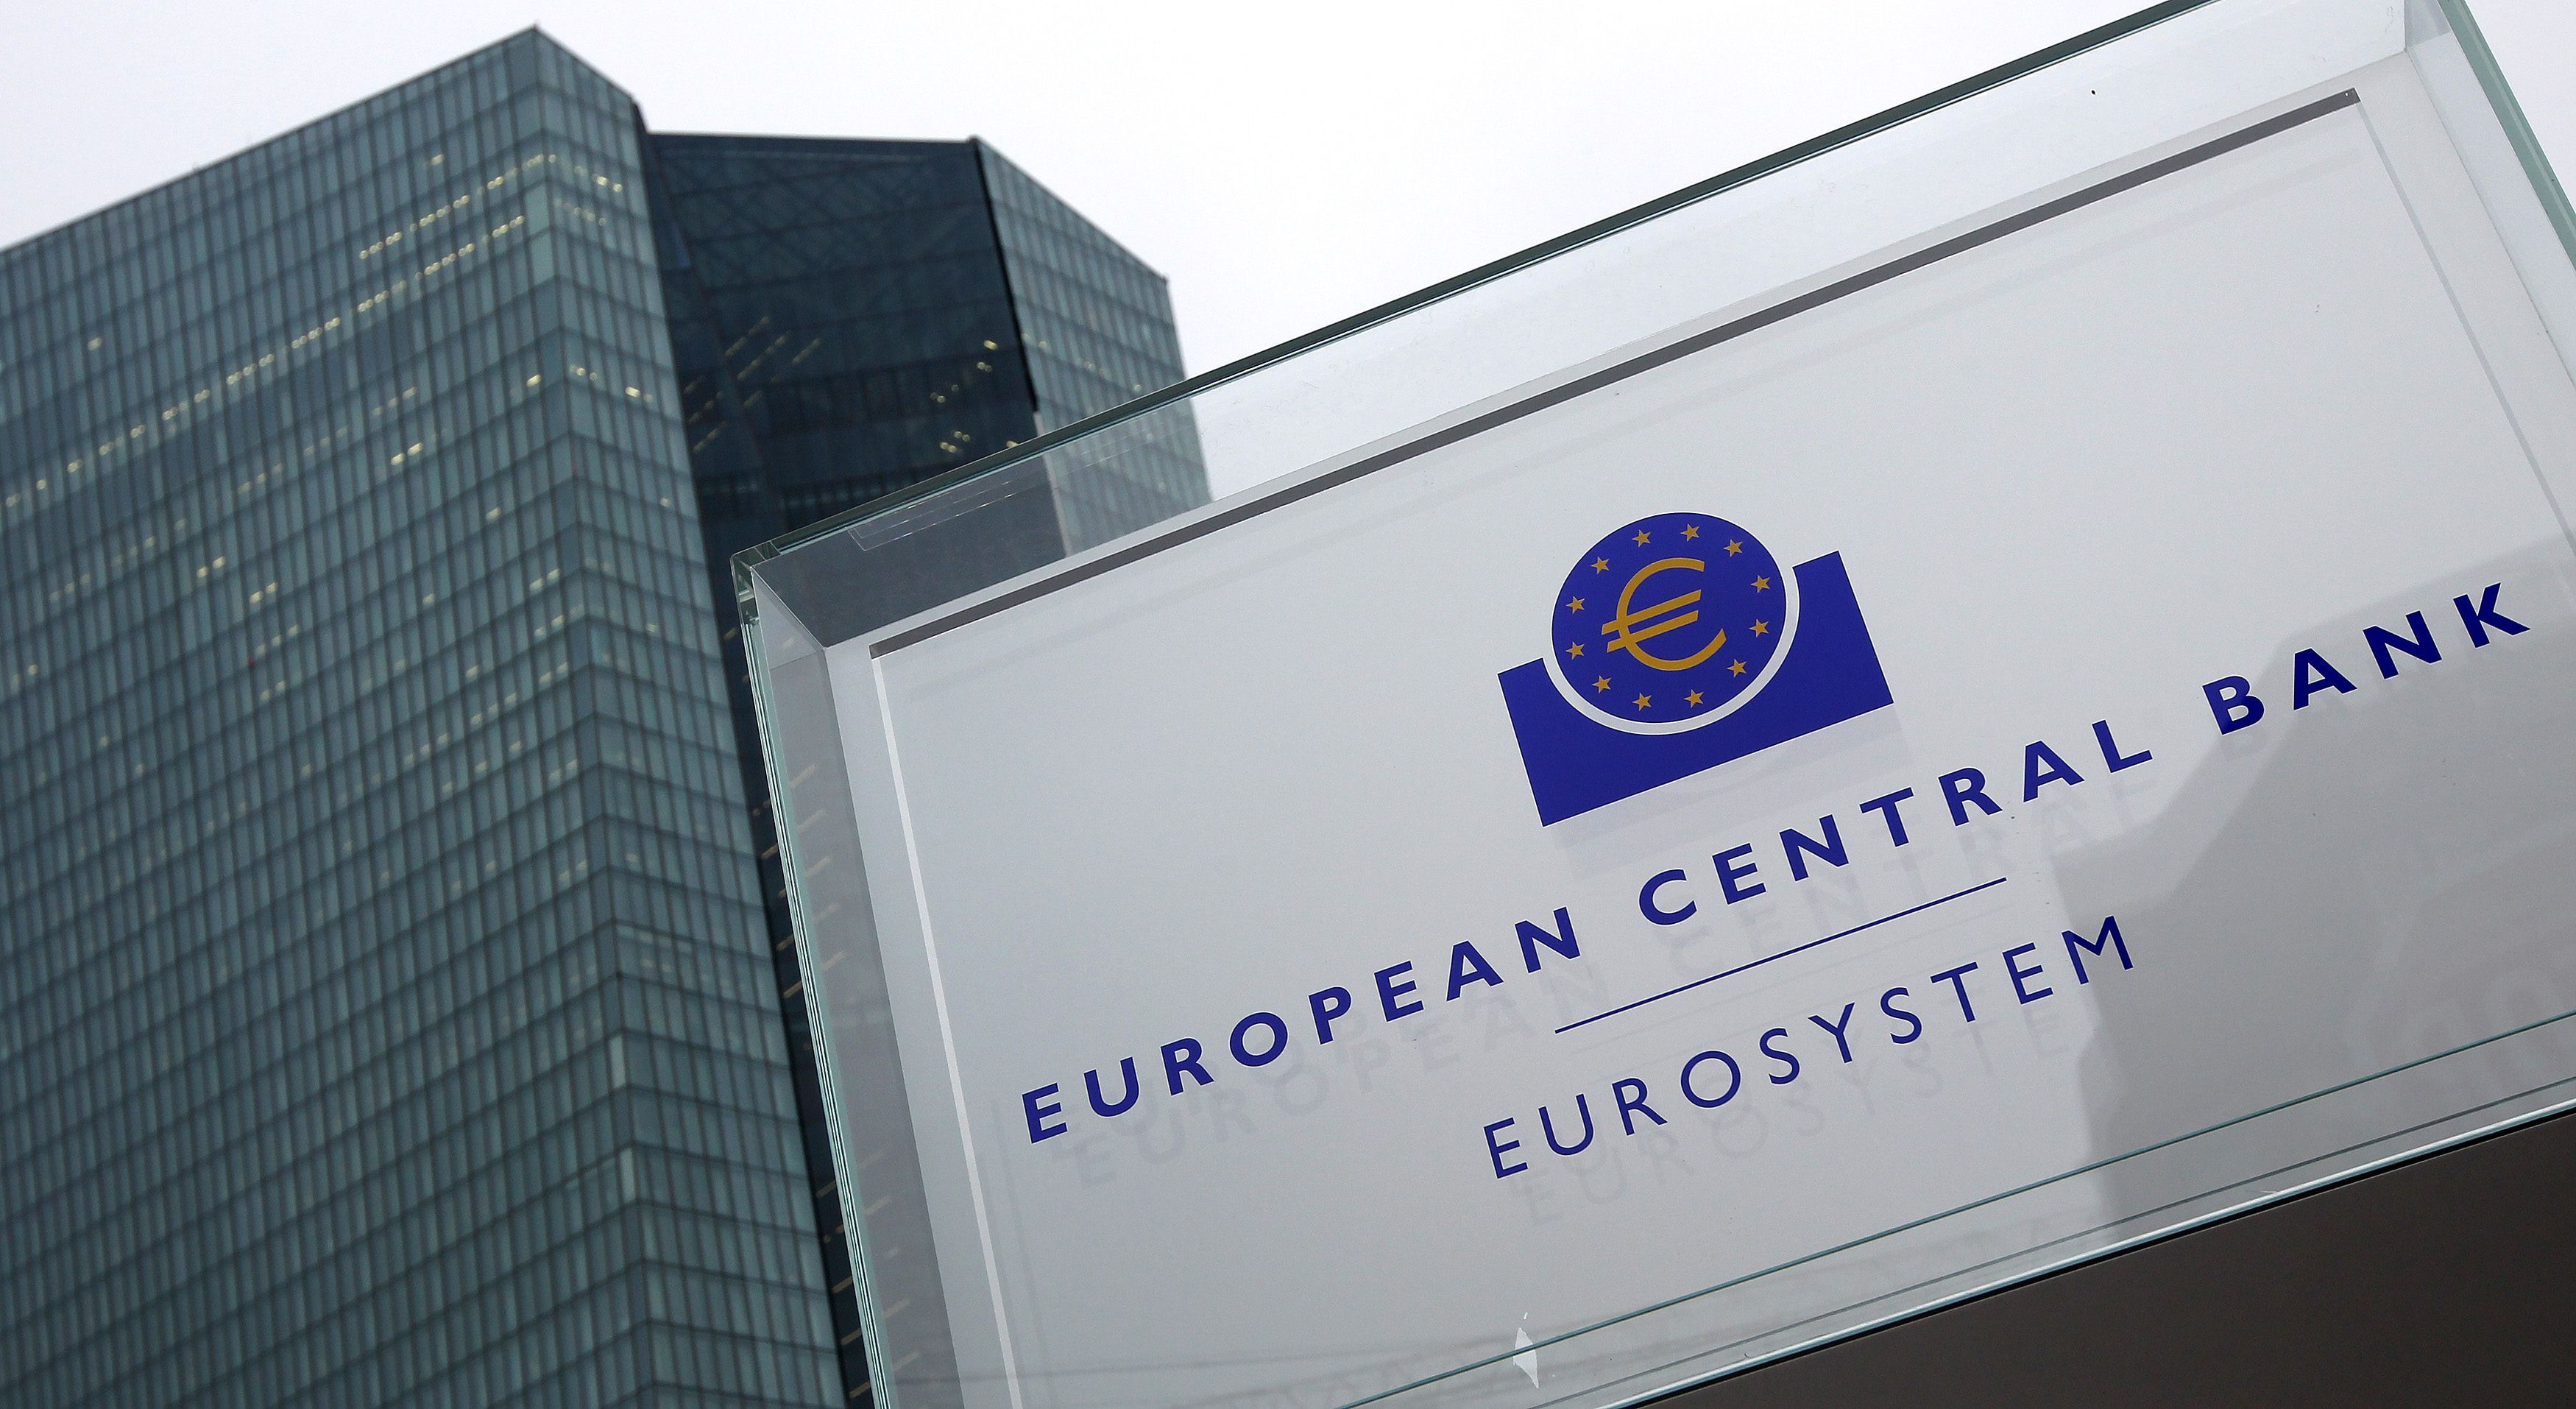 المركزي الأوروبي بصدد خفض الفائدة على ودائع البنوك مجدداً إلى النطاق السلبي